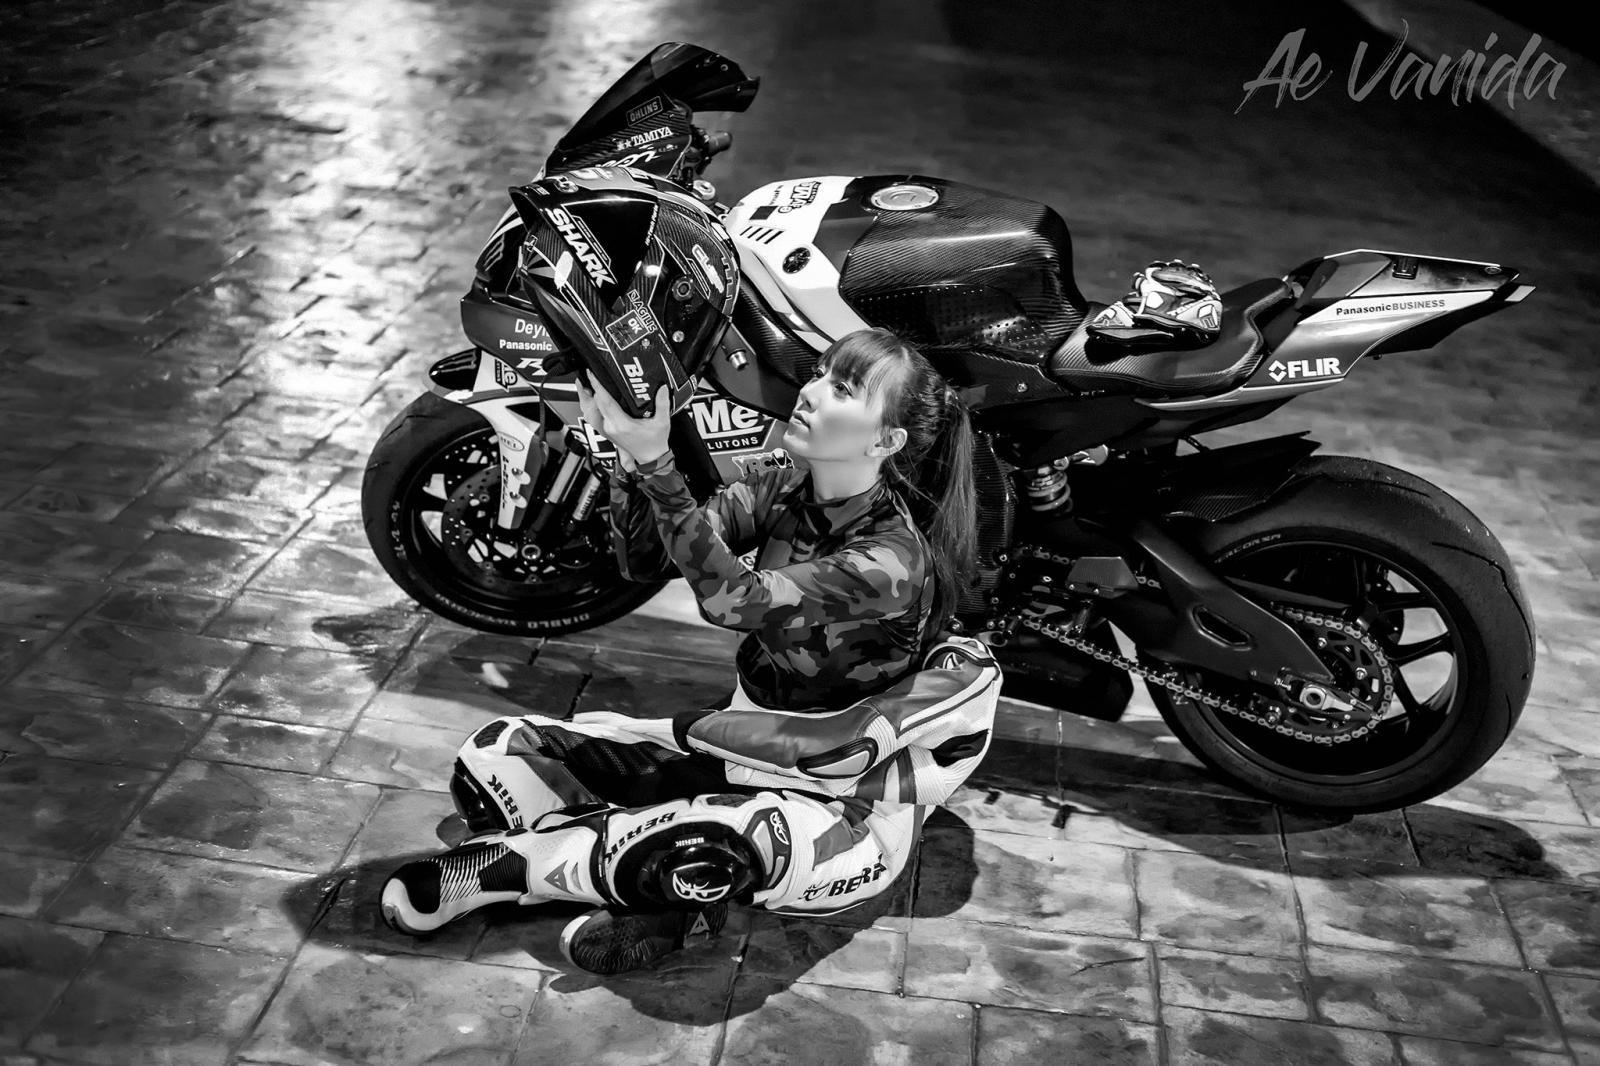 Cô nàng biến hoá khi thể thao, khi thanh lịch bên Yamaha R1 - 2